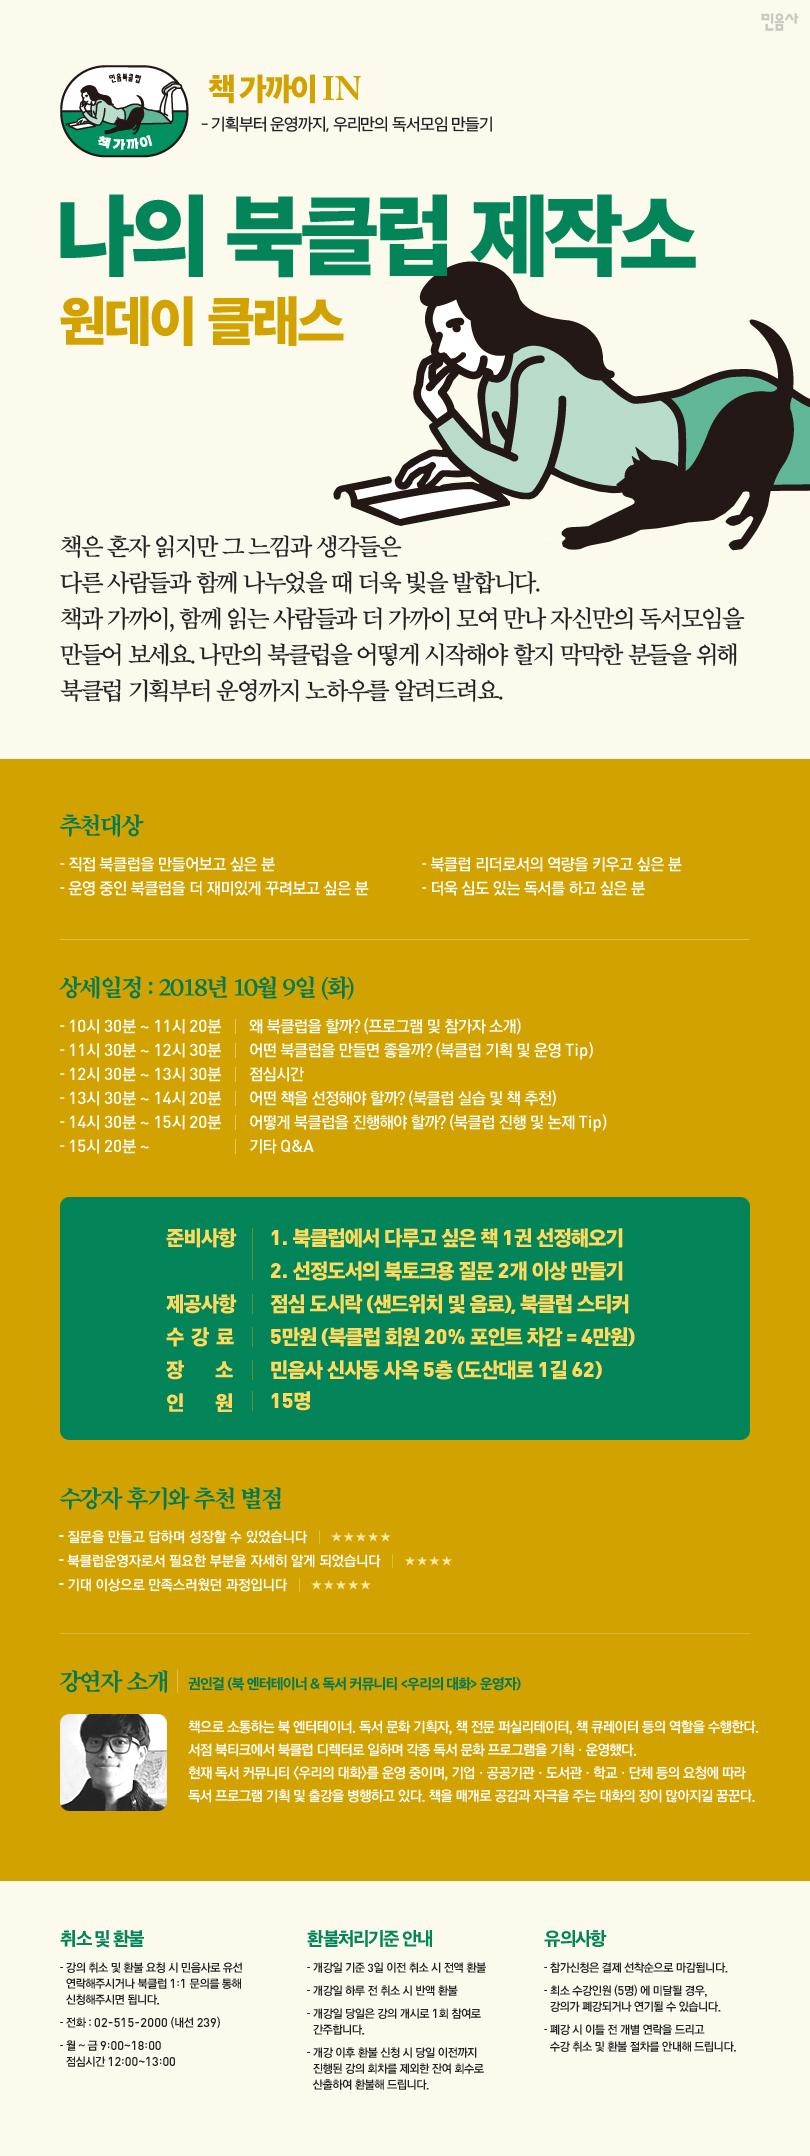 민음사_책가까이_나의북클럽제작소_02 (3)